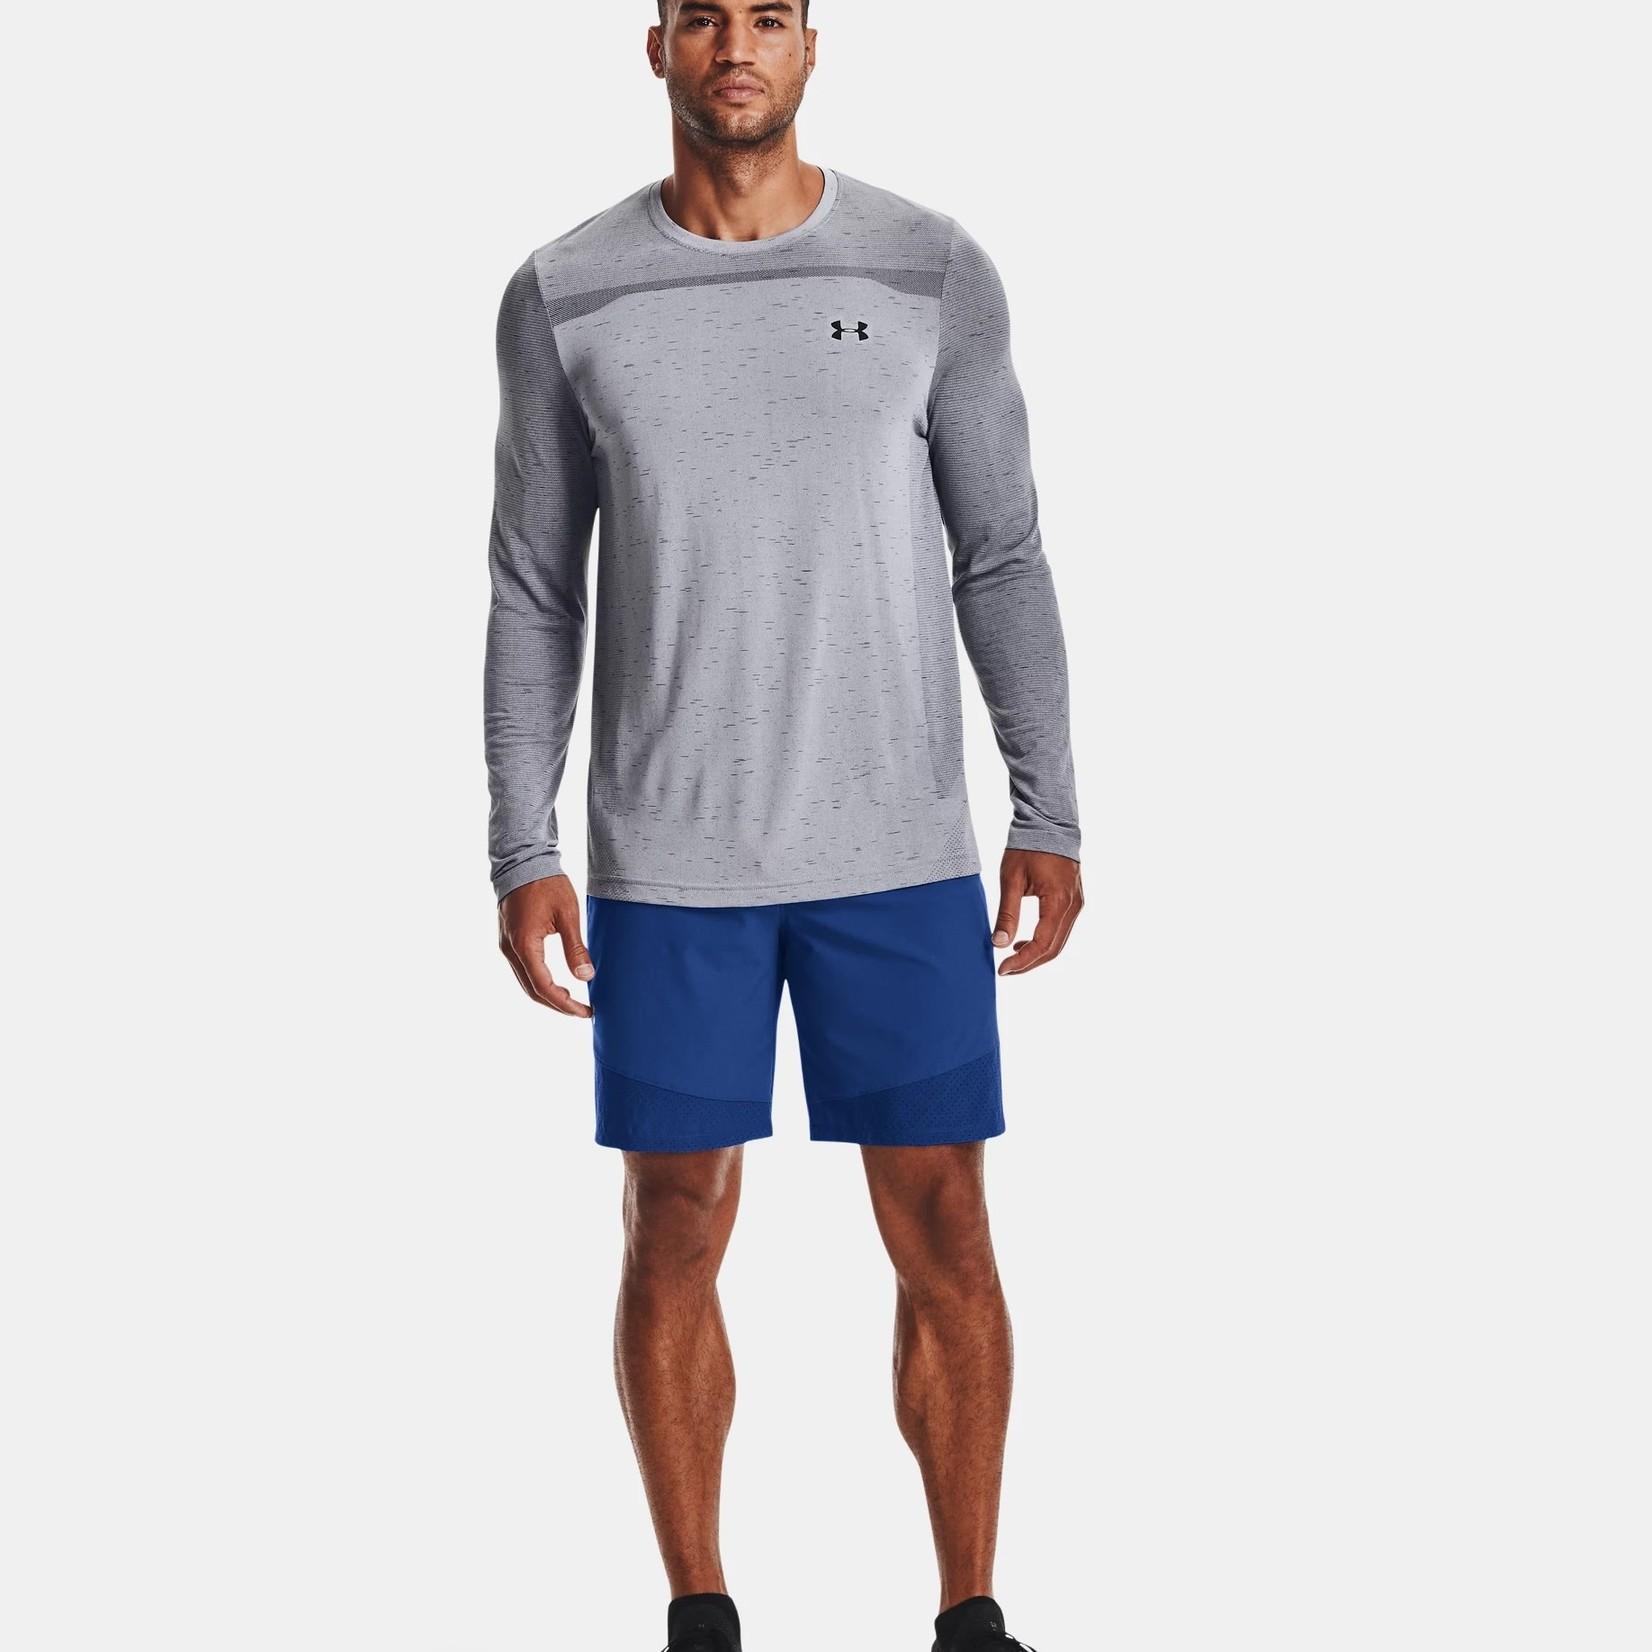 Under Armour UA Seamless Long Sleeve - Grey